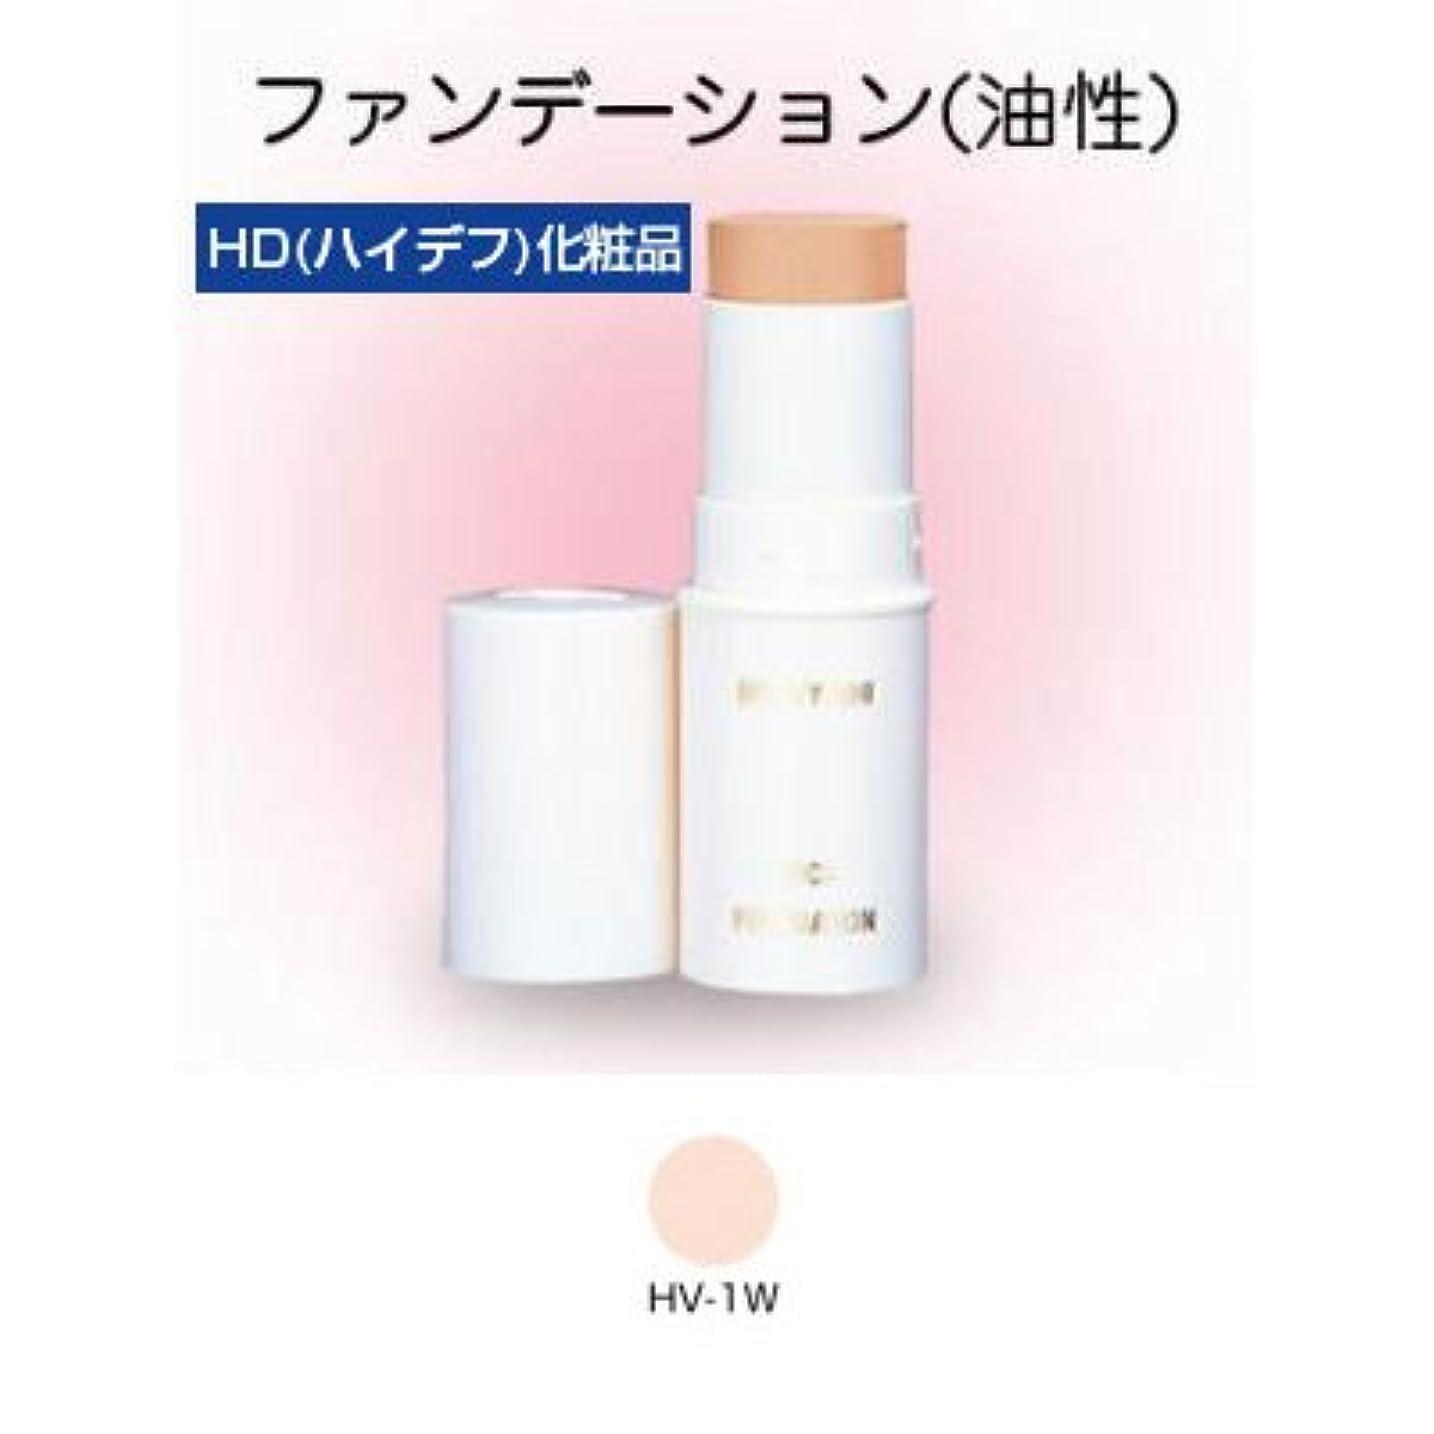 製品ワットだらしないスティックファンデーション HD化粧品 17g 1W 【三善】